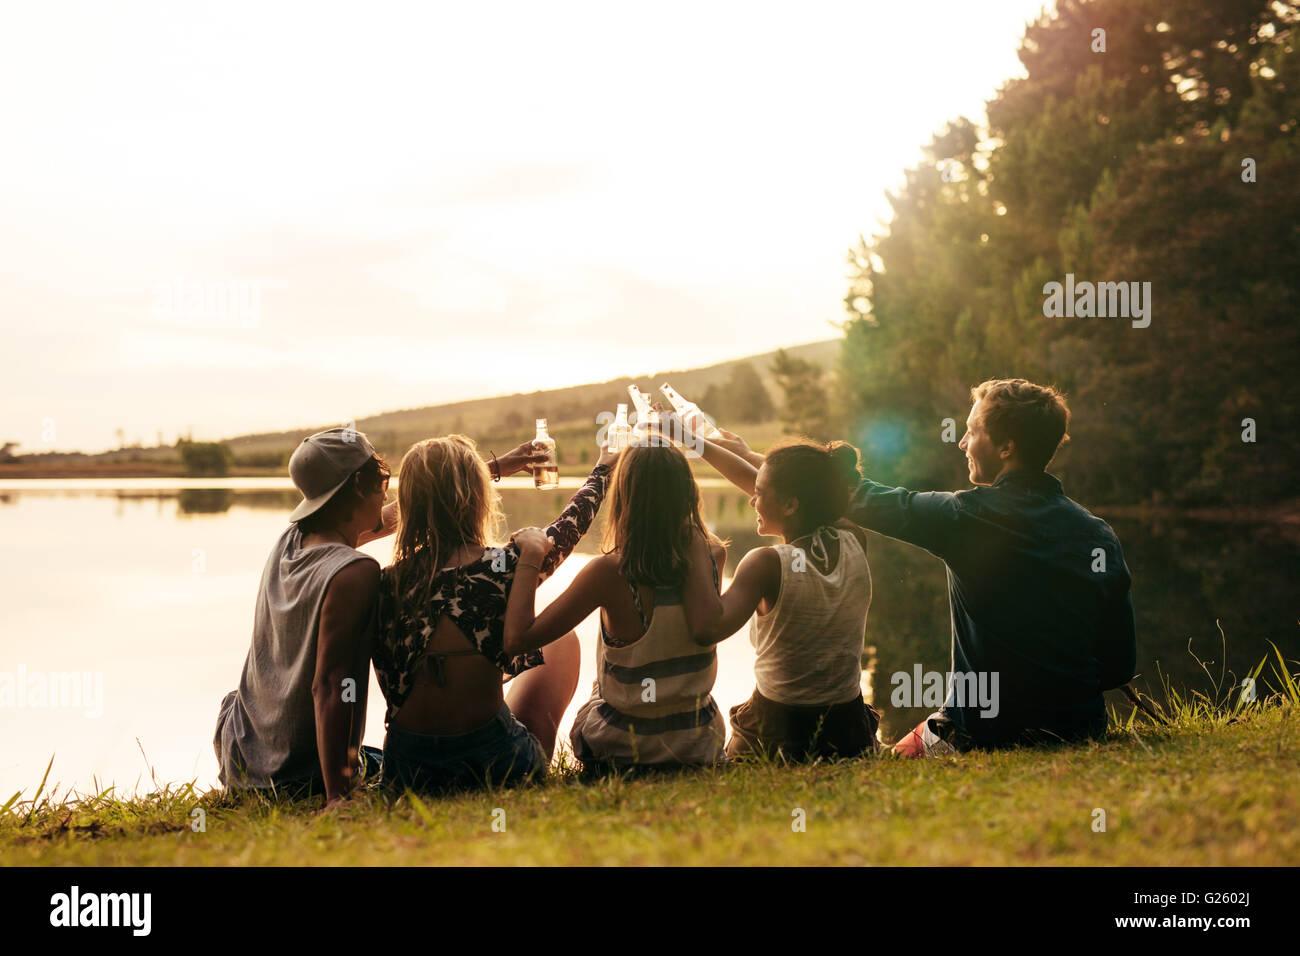 Grupo de jóvenes sentados en una fila en un lago con cervezas. Jóvenes amigos tostado y celebrando con Imagen De Stock